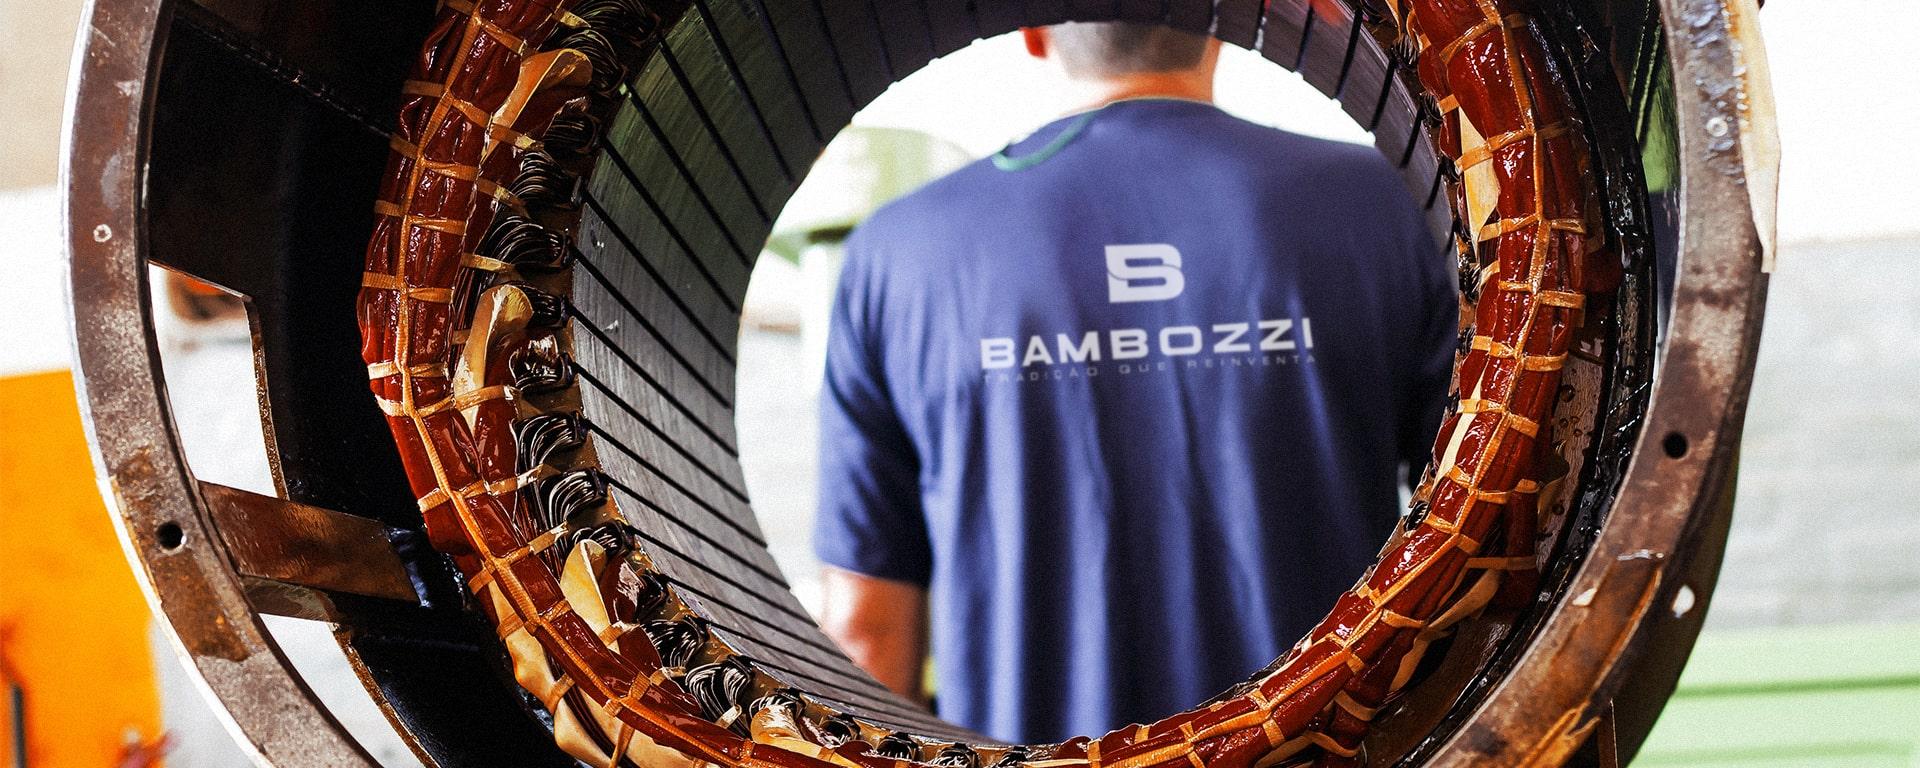 bambozzi-alternadores-grupo-geradores-solda-máquinas-talhas-moto-3